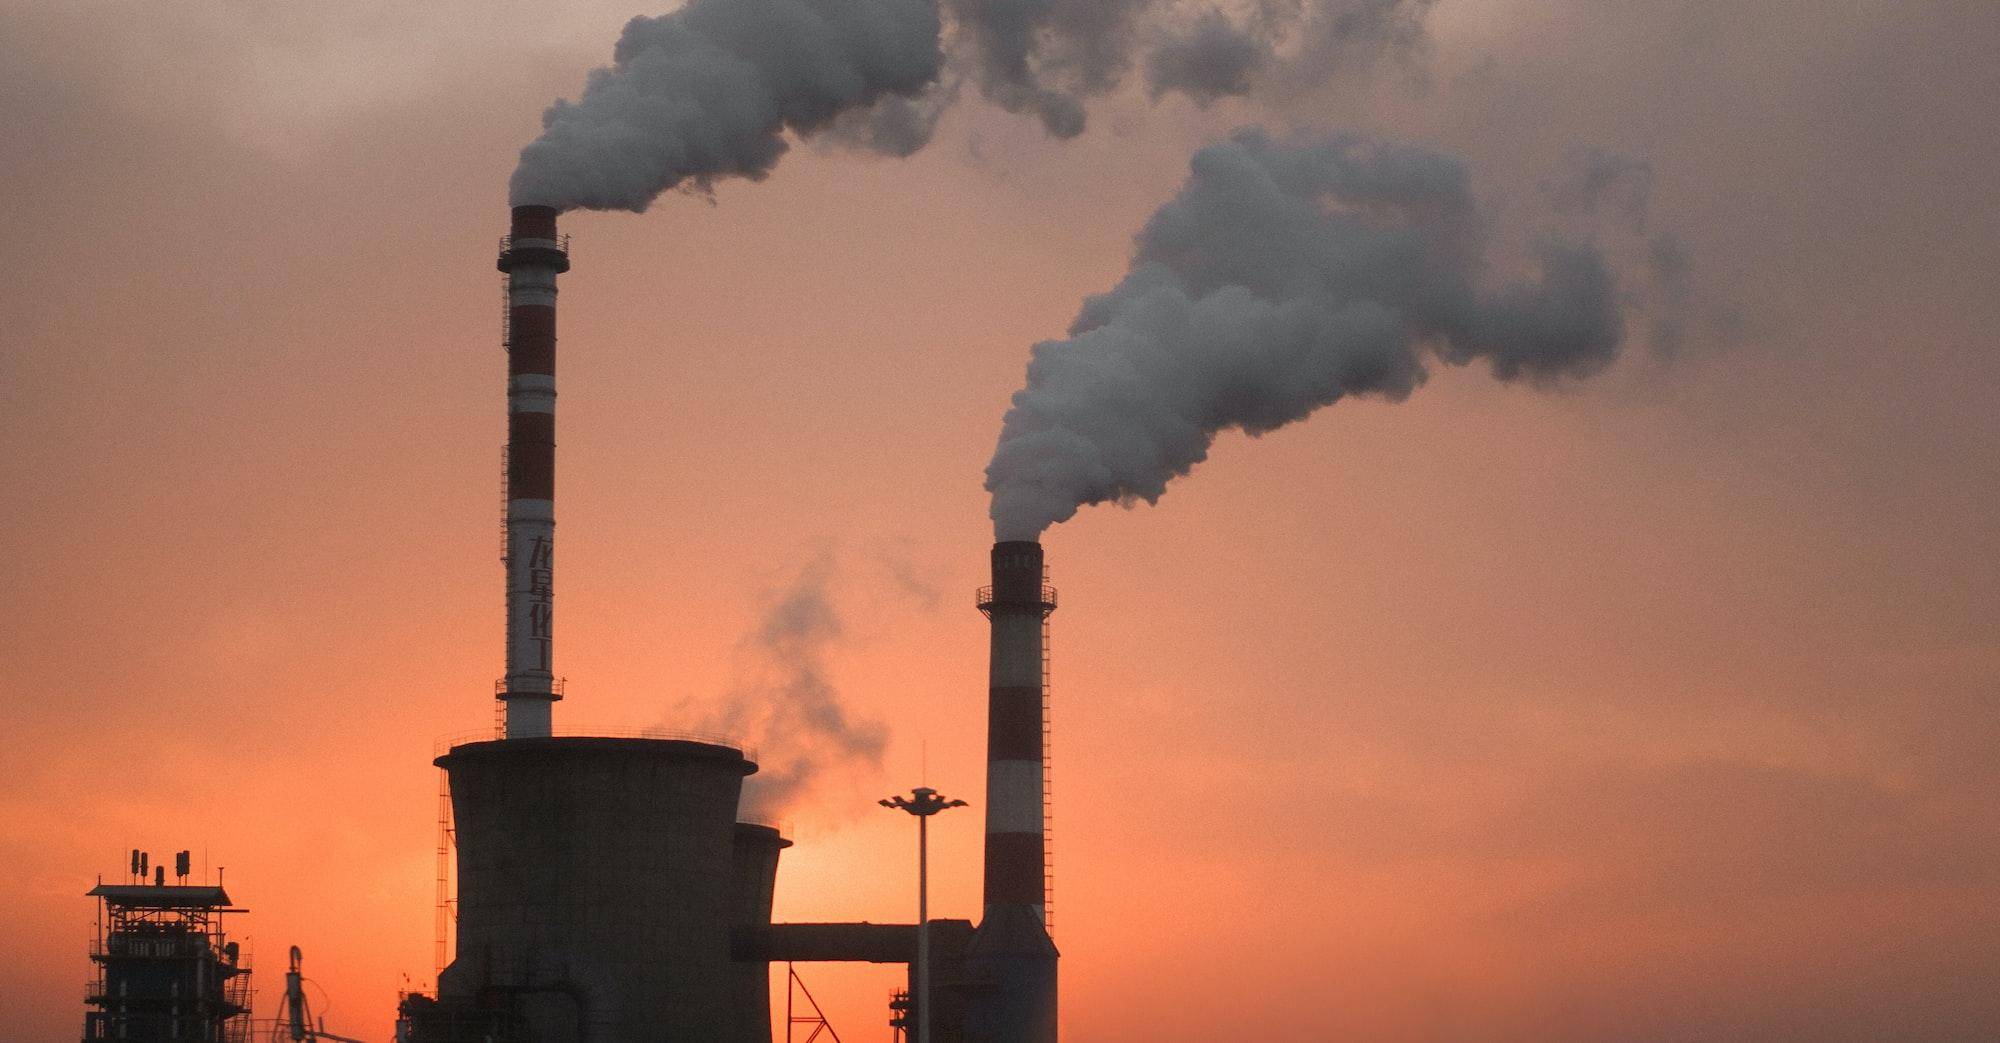 การทำเหมือง Crypto สร้างปัญหามลพิษทางอากาศในอิหร่าน